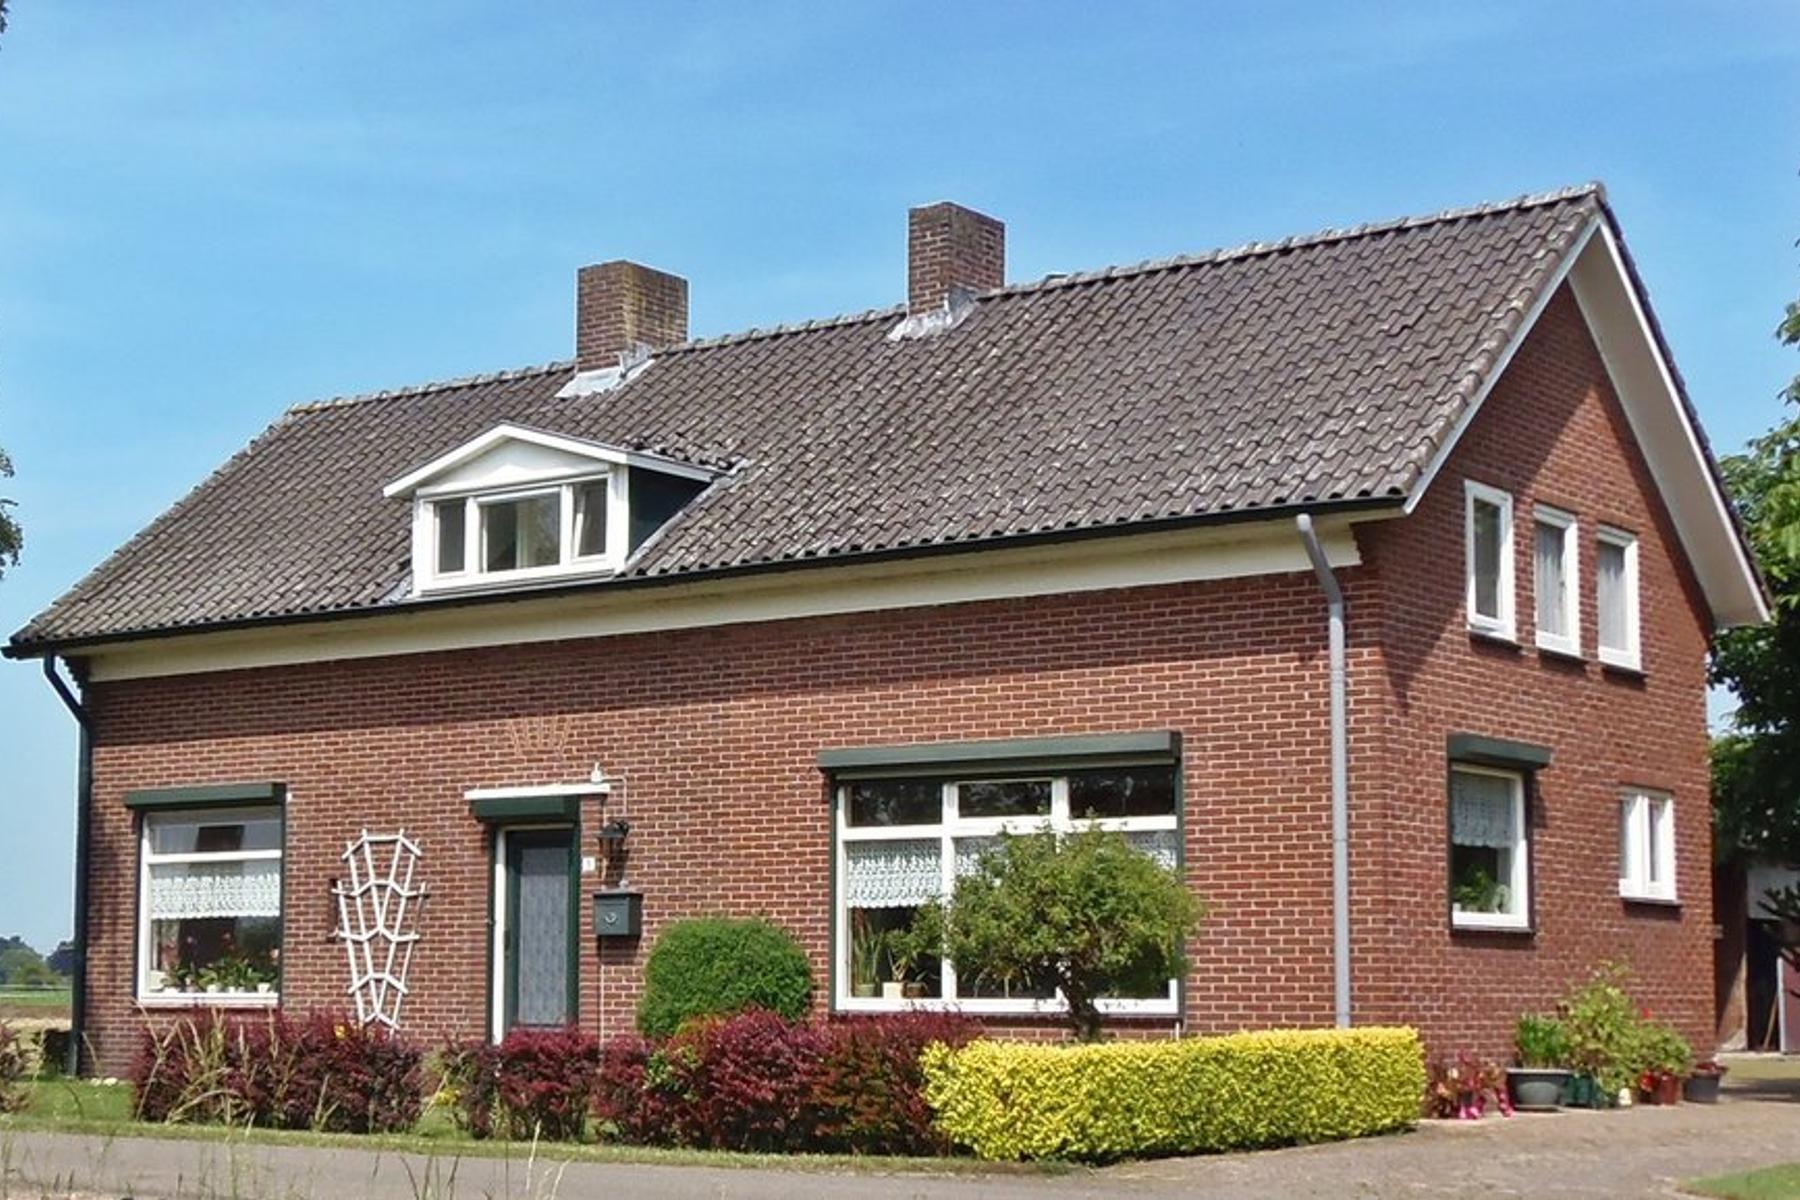 Gelkinkweg 5 in De Heurne 7095 CB